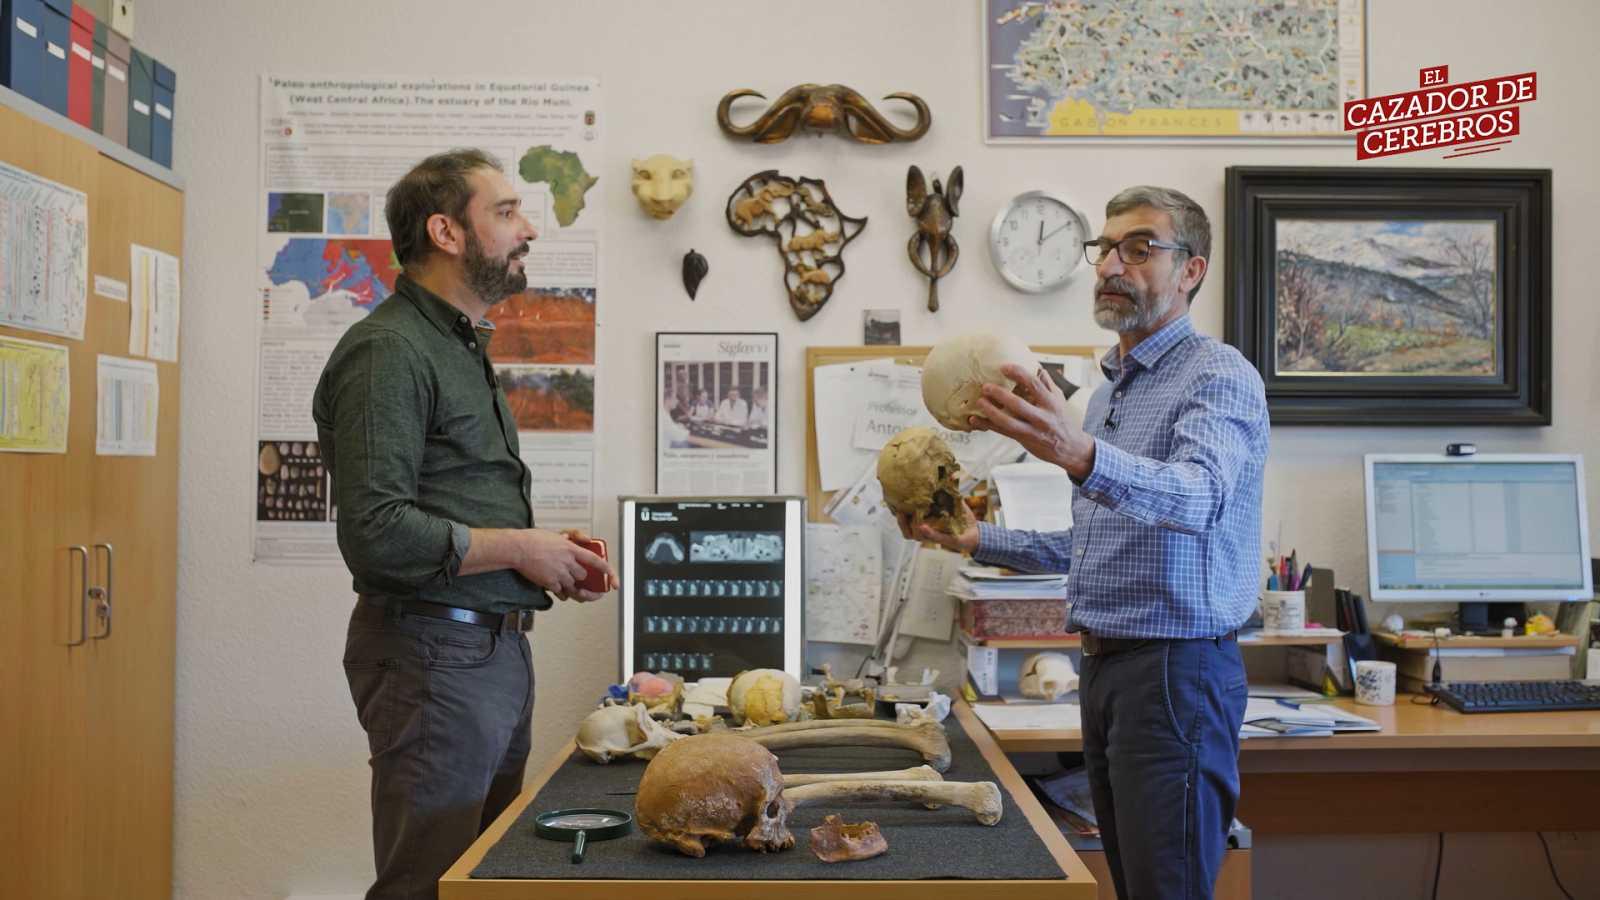 Vídeo resumen del cuarto episodio de la 4ª temporada de 'El cazador de cerebros' sobre el legado de los neandertales